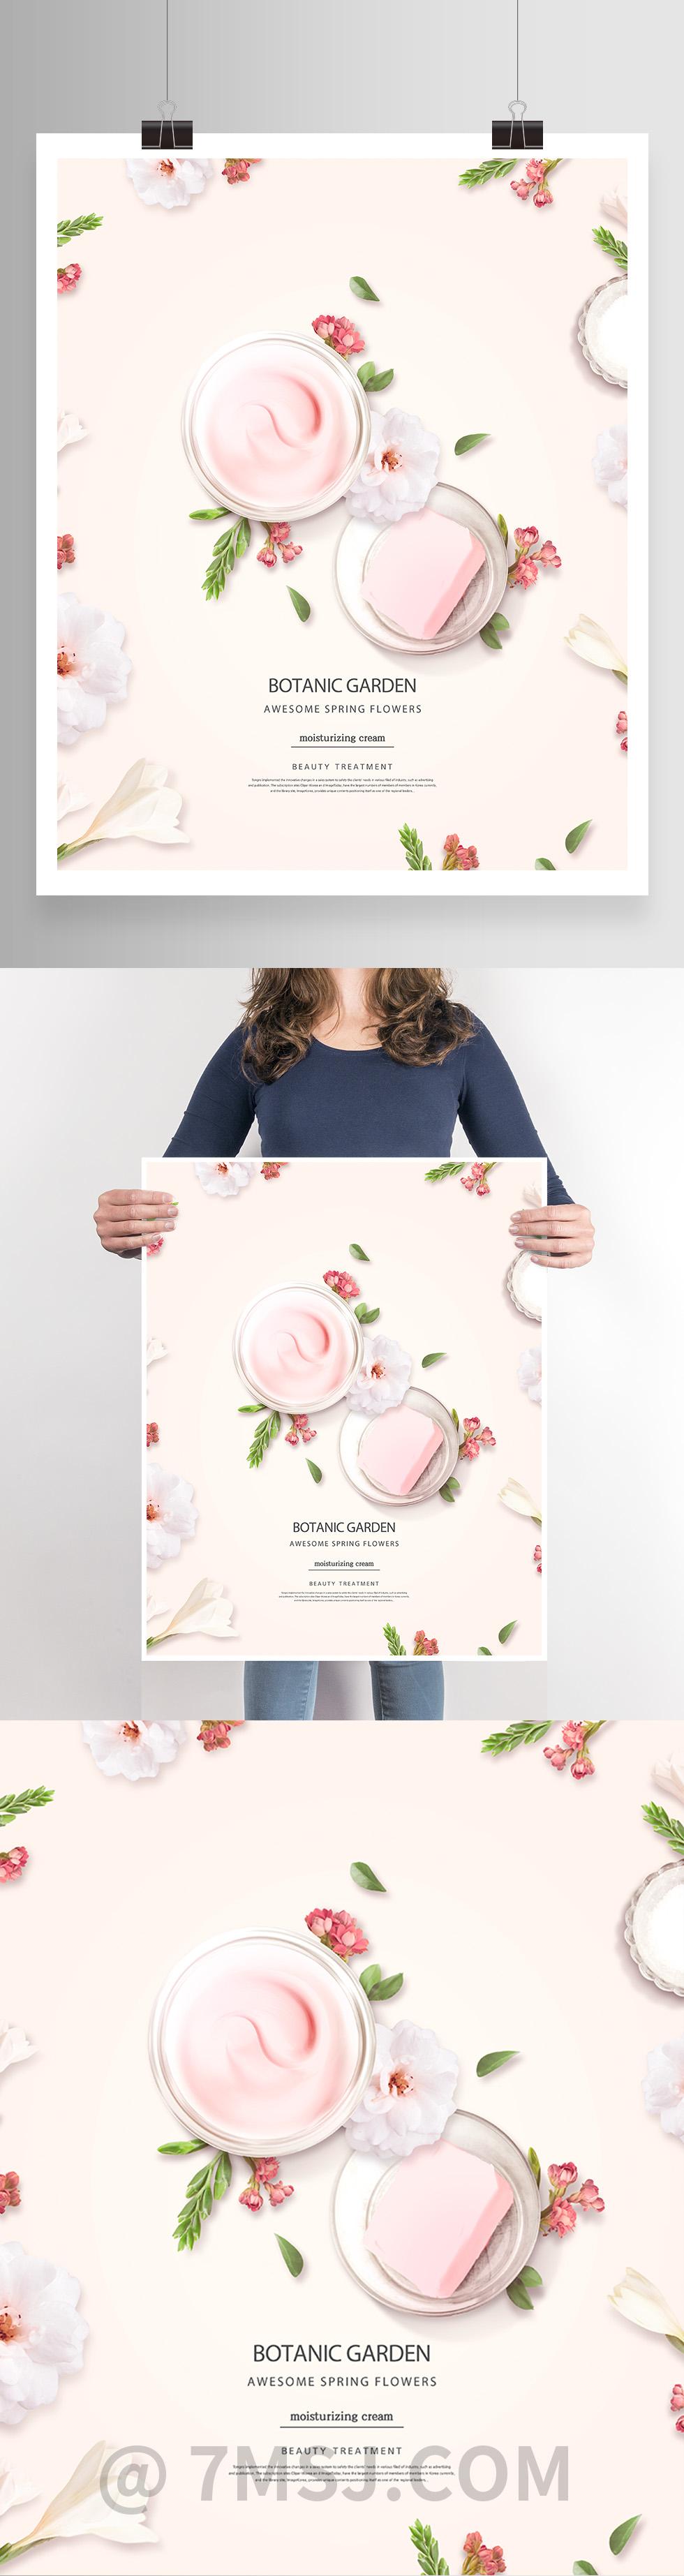 清新自然甜美时尚玫瑰护肤面霜宣传海报